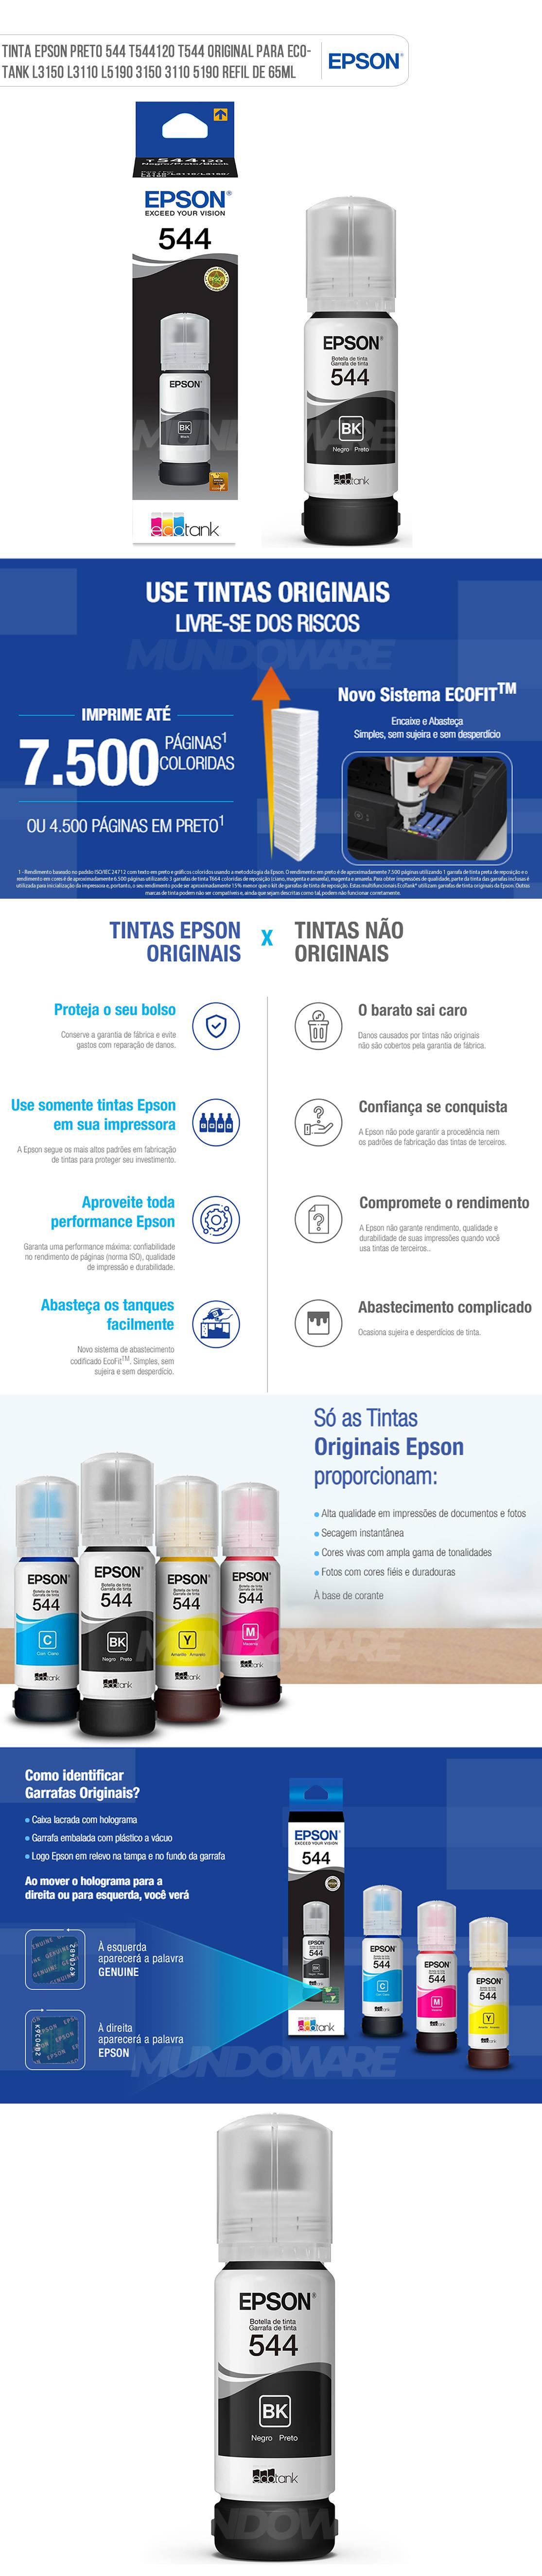 Tinta Epson Preto 544 T544120 T544 Original para Ecotank L3150 L3110 L5190 3150 3110 5190 Refil de 65ml